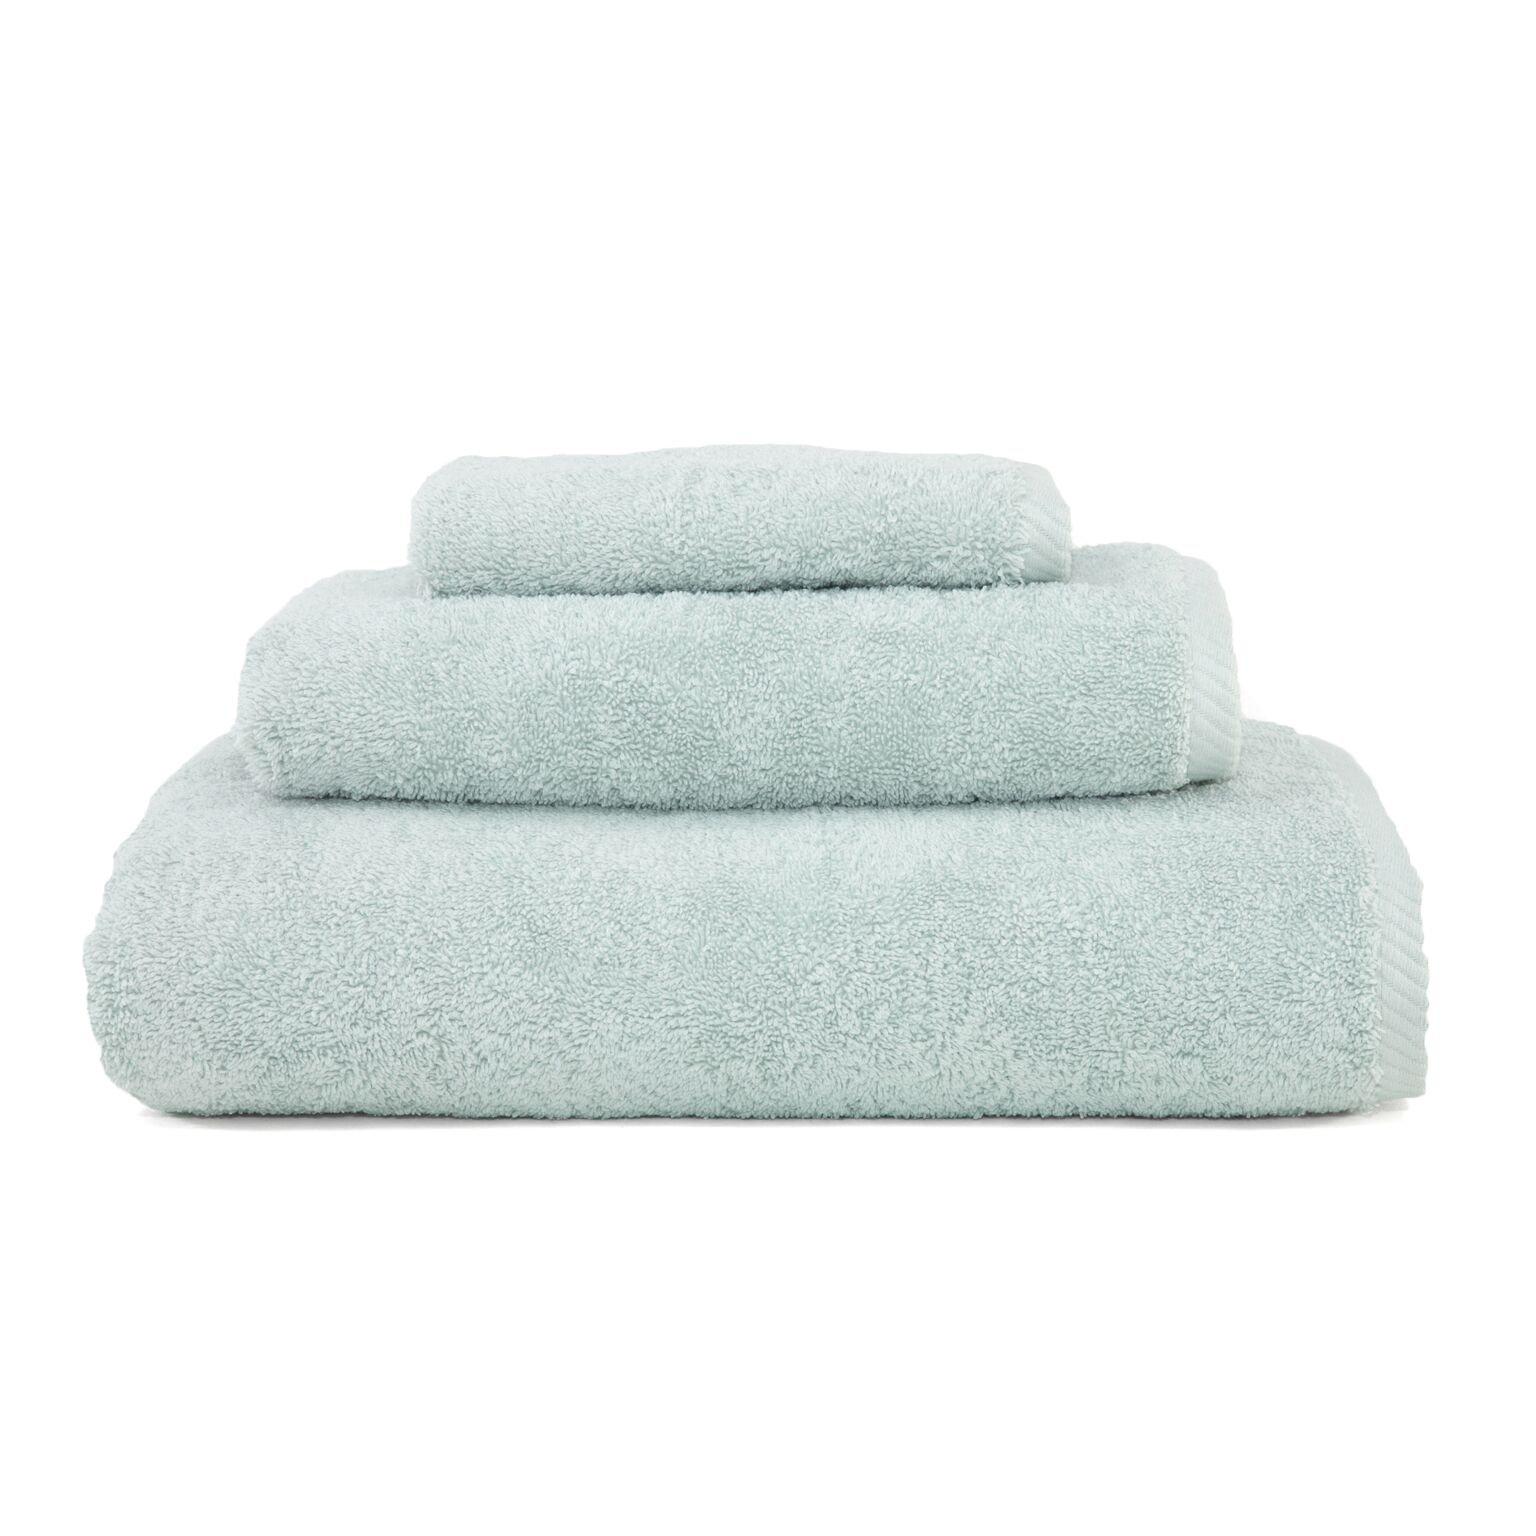 Linum Home Textiles 3 Piece Soft Twist Premium Authentic Soft 100% Turkish Cotton Luxury Hotel Collection Towel Set, Aqua Blue